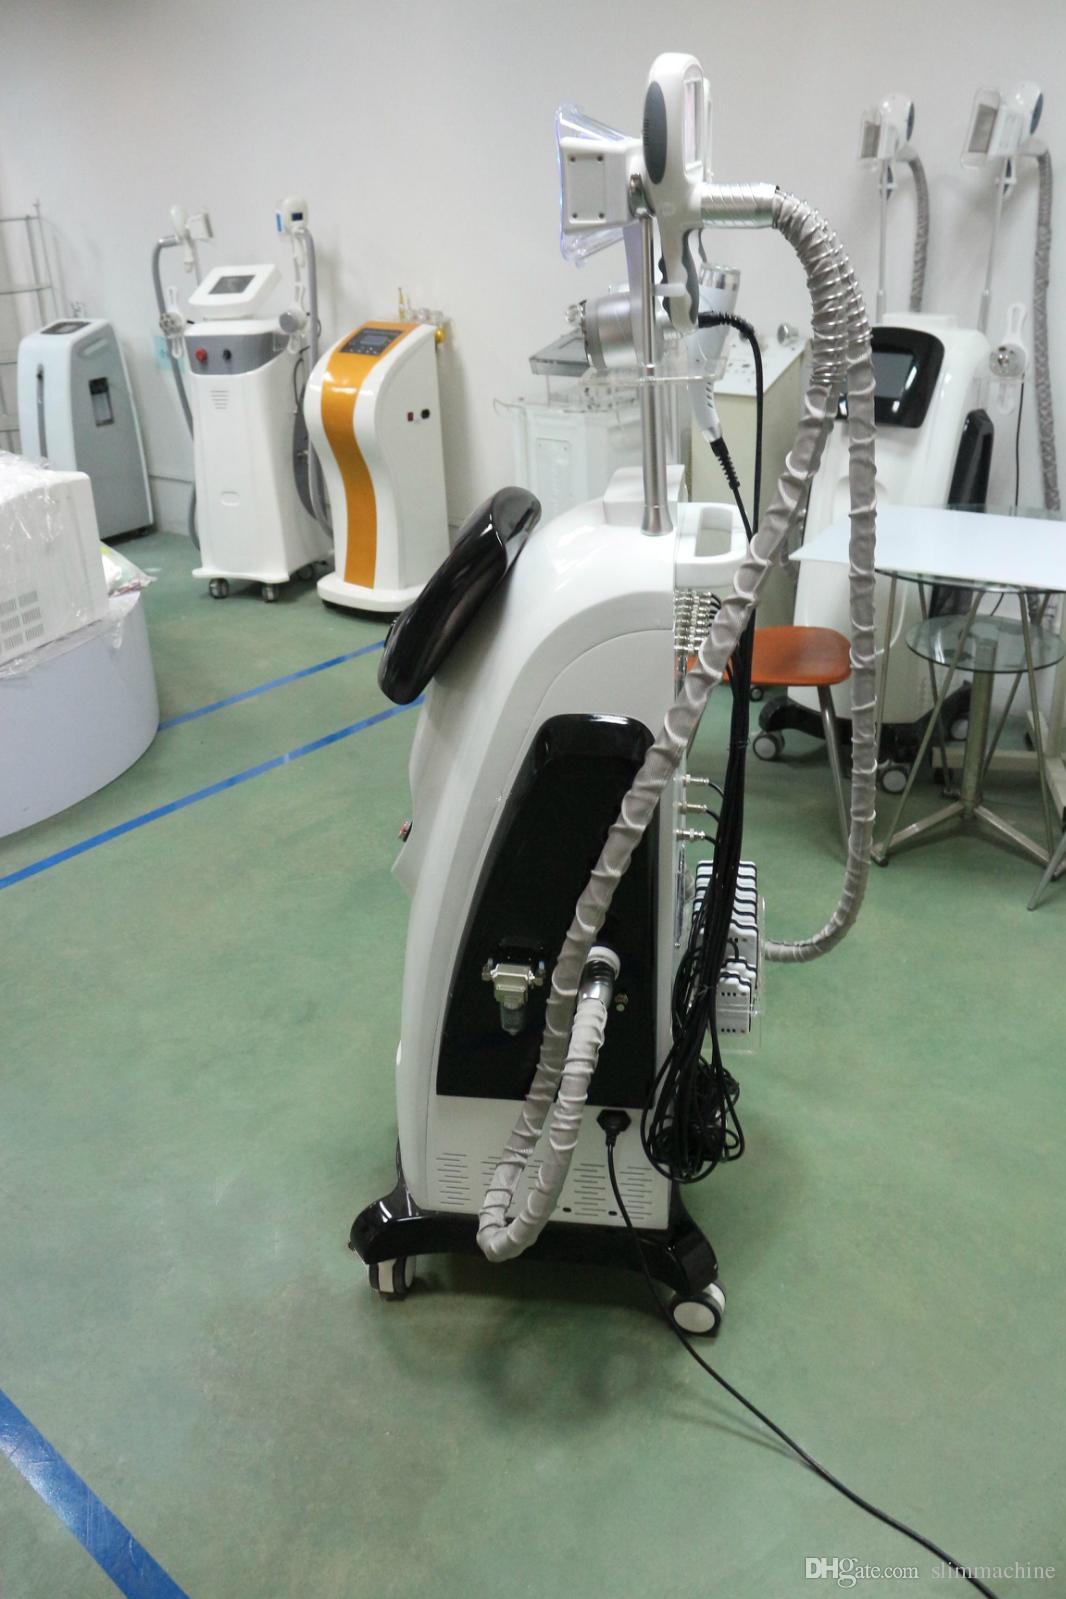 2020 nuevo estilo !!! Cryolipolysis Machine 5 en 1 Handles Dobles Cryolipolysis Multifunción Freeze Freeze Slimming Machine